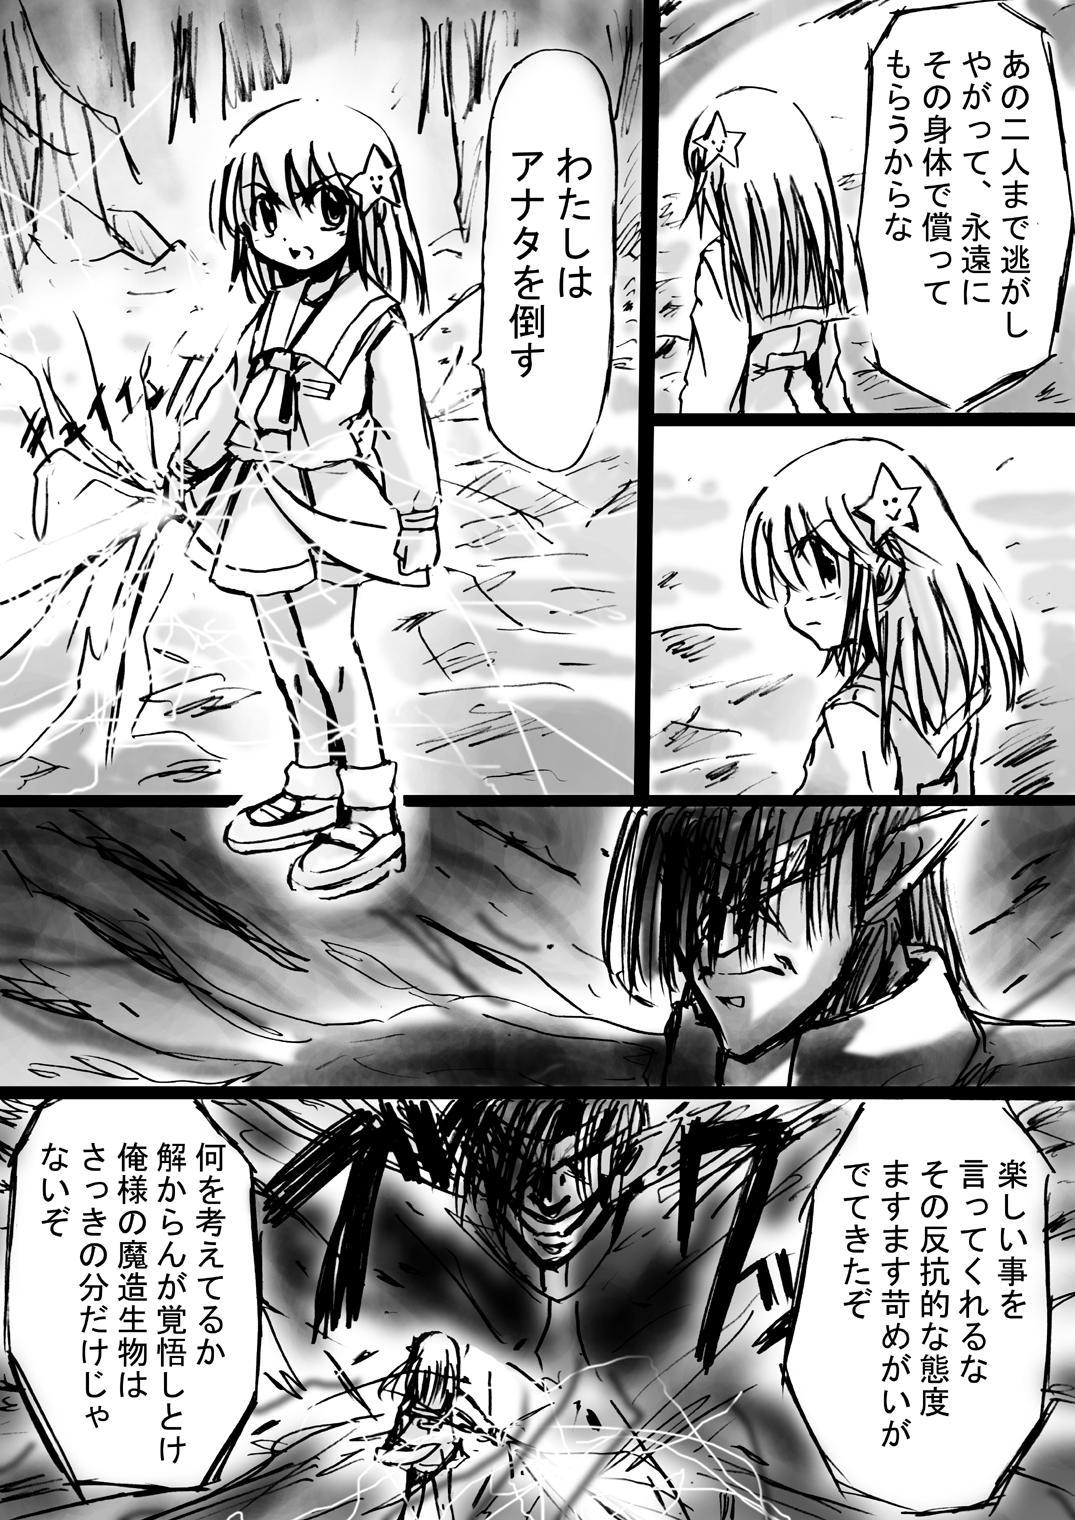 [Dende] Fushigi Sekai -Mystery World- Nonoha 5 ~Jokuma no Kyouniku no Tainai Shinshoku~ 46